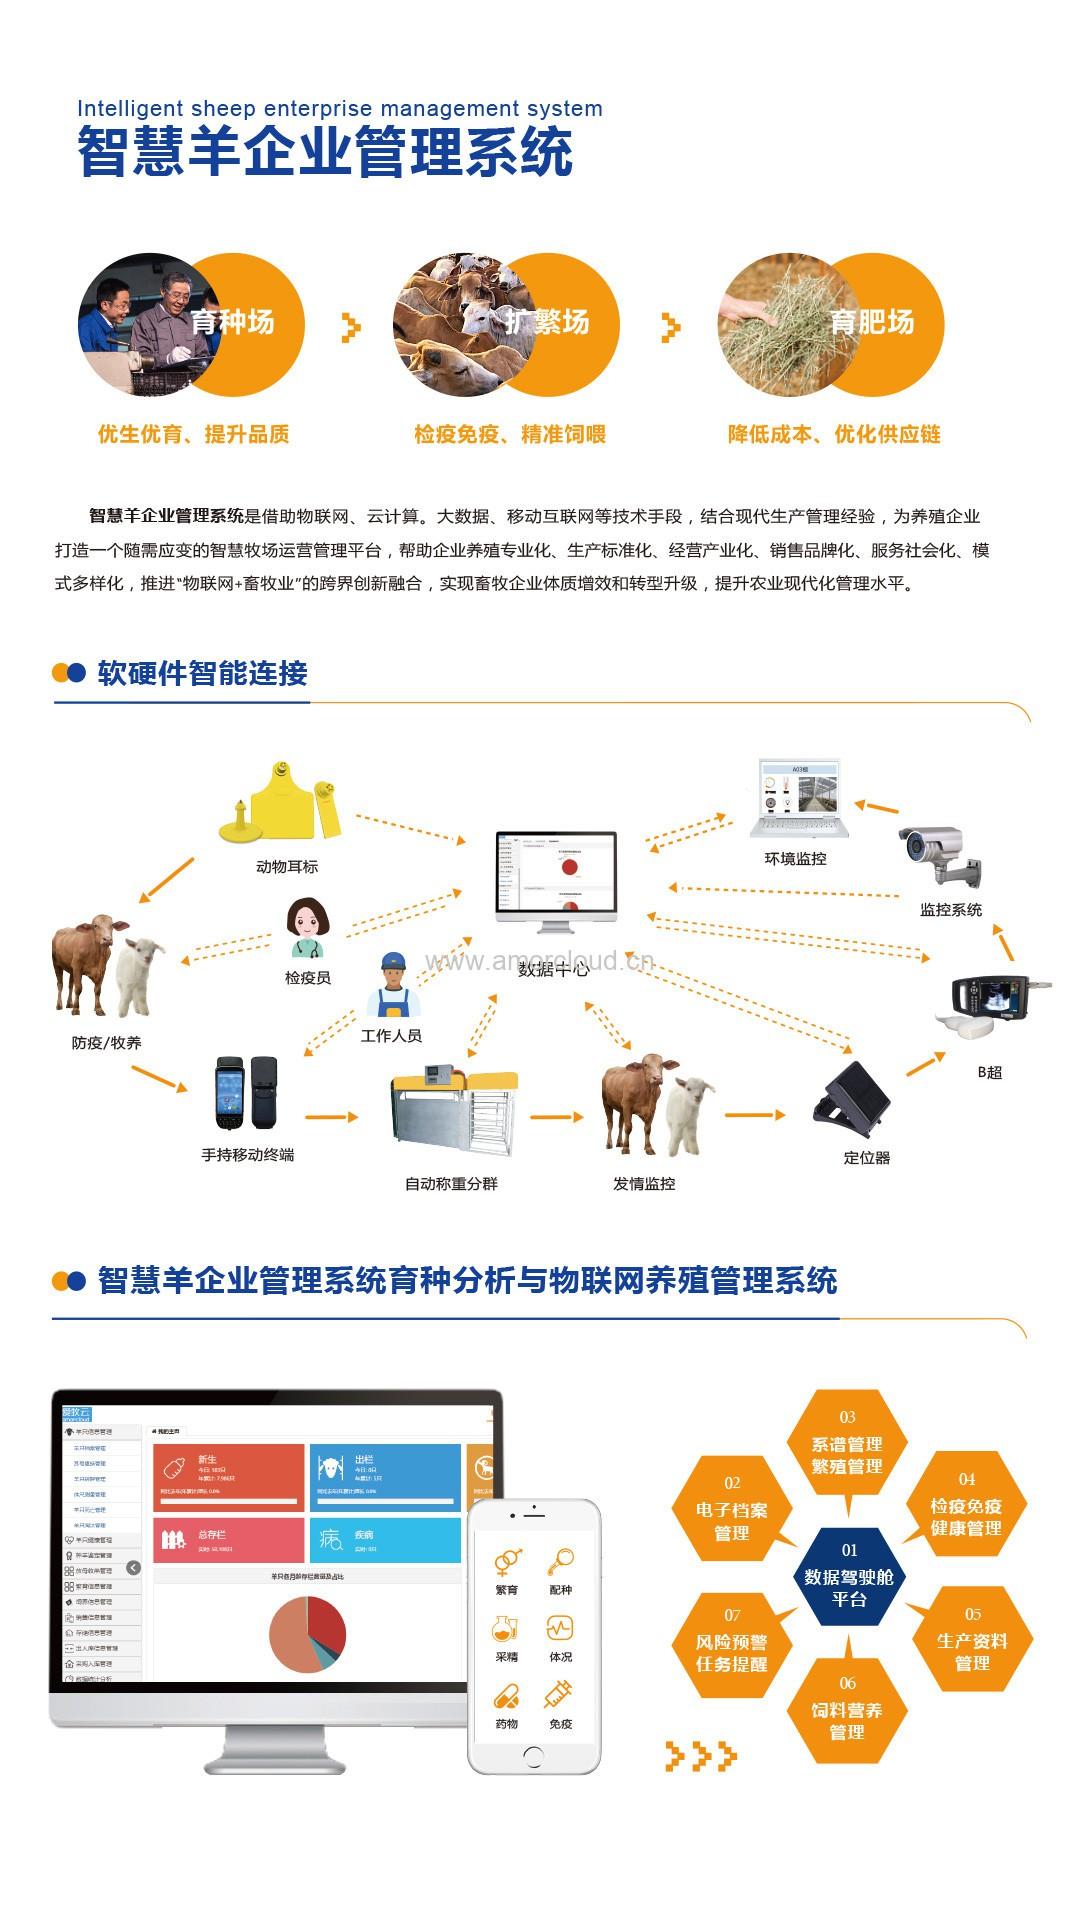 北京大爱农牧信息技术有限公司